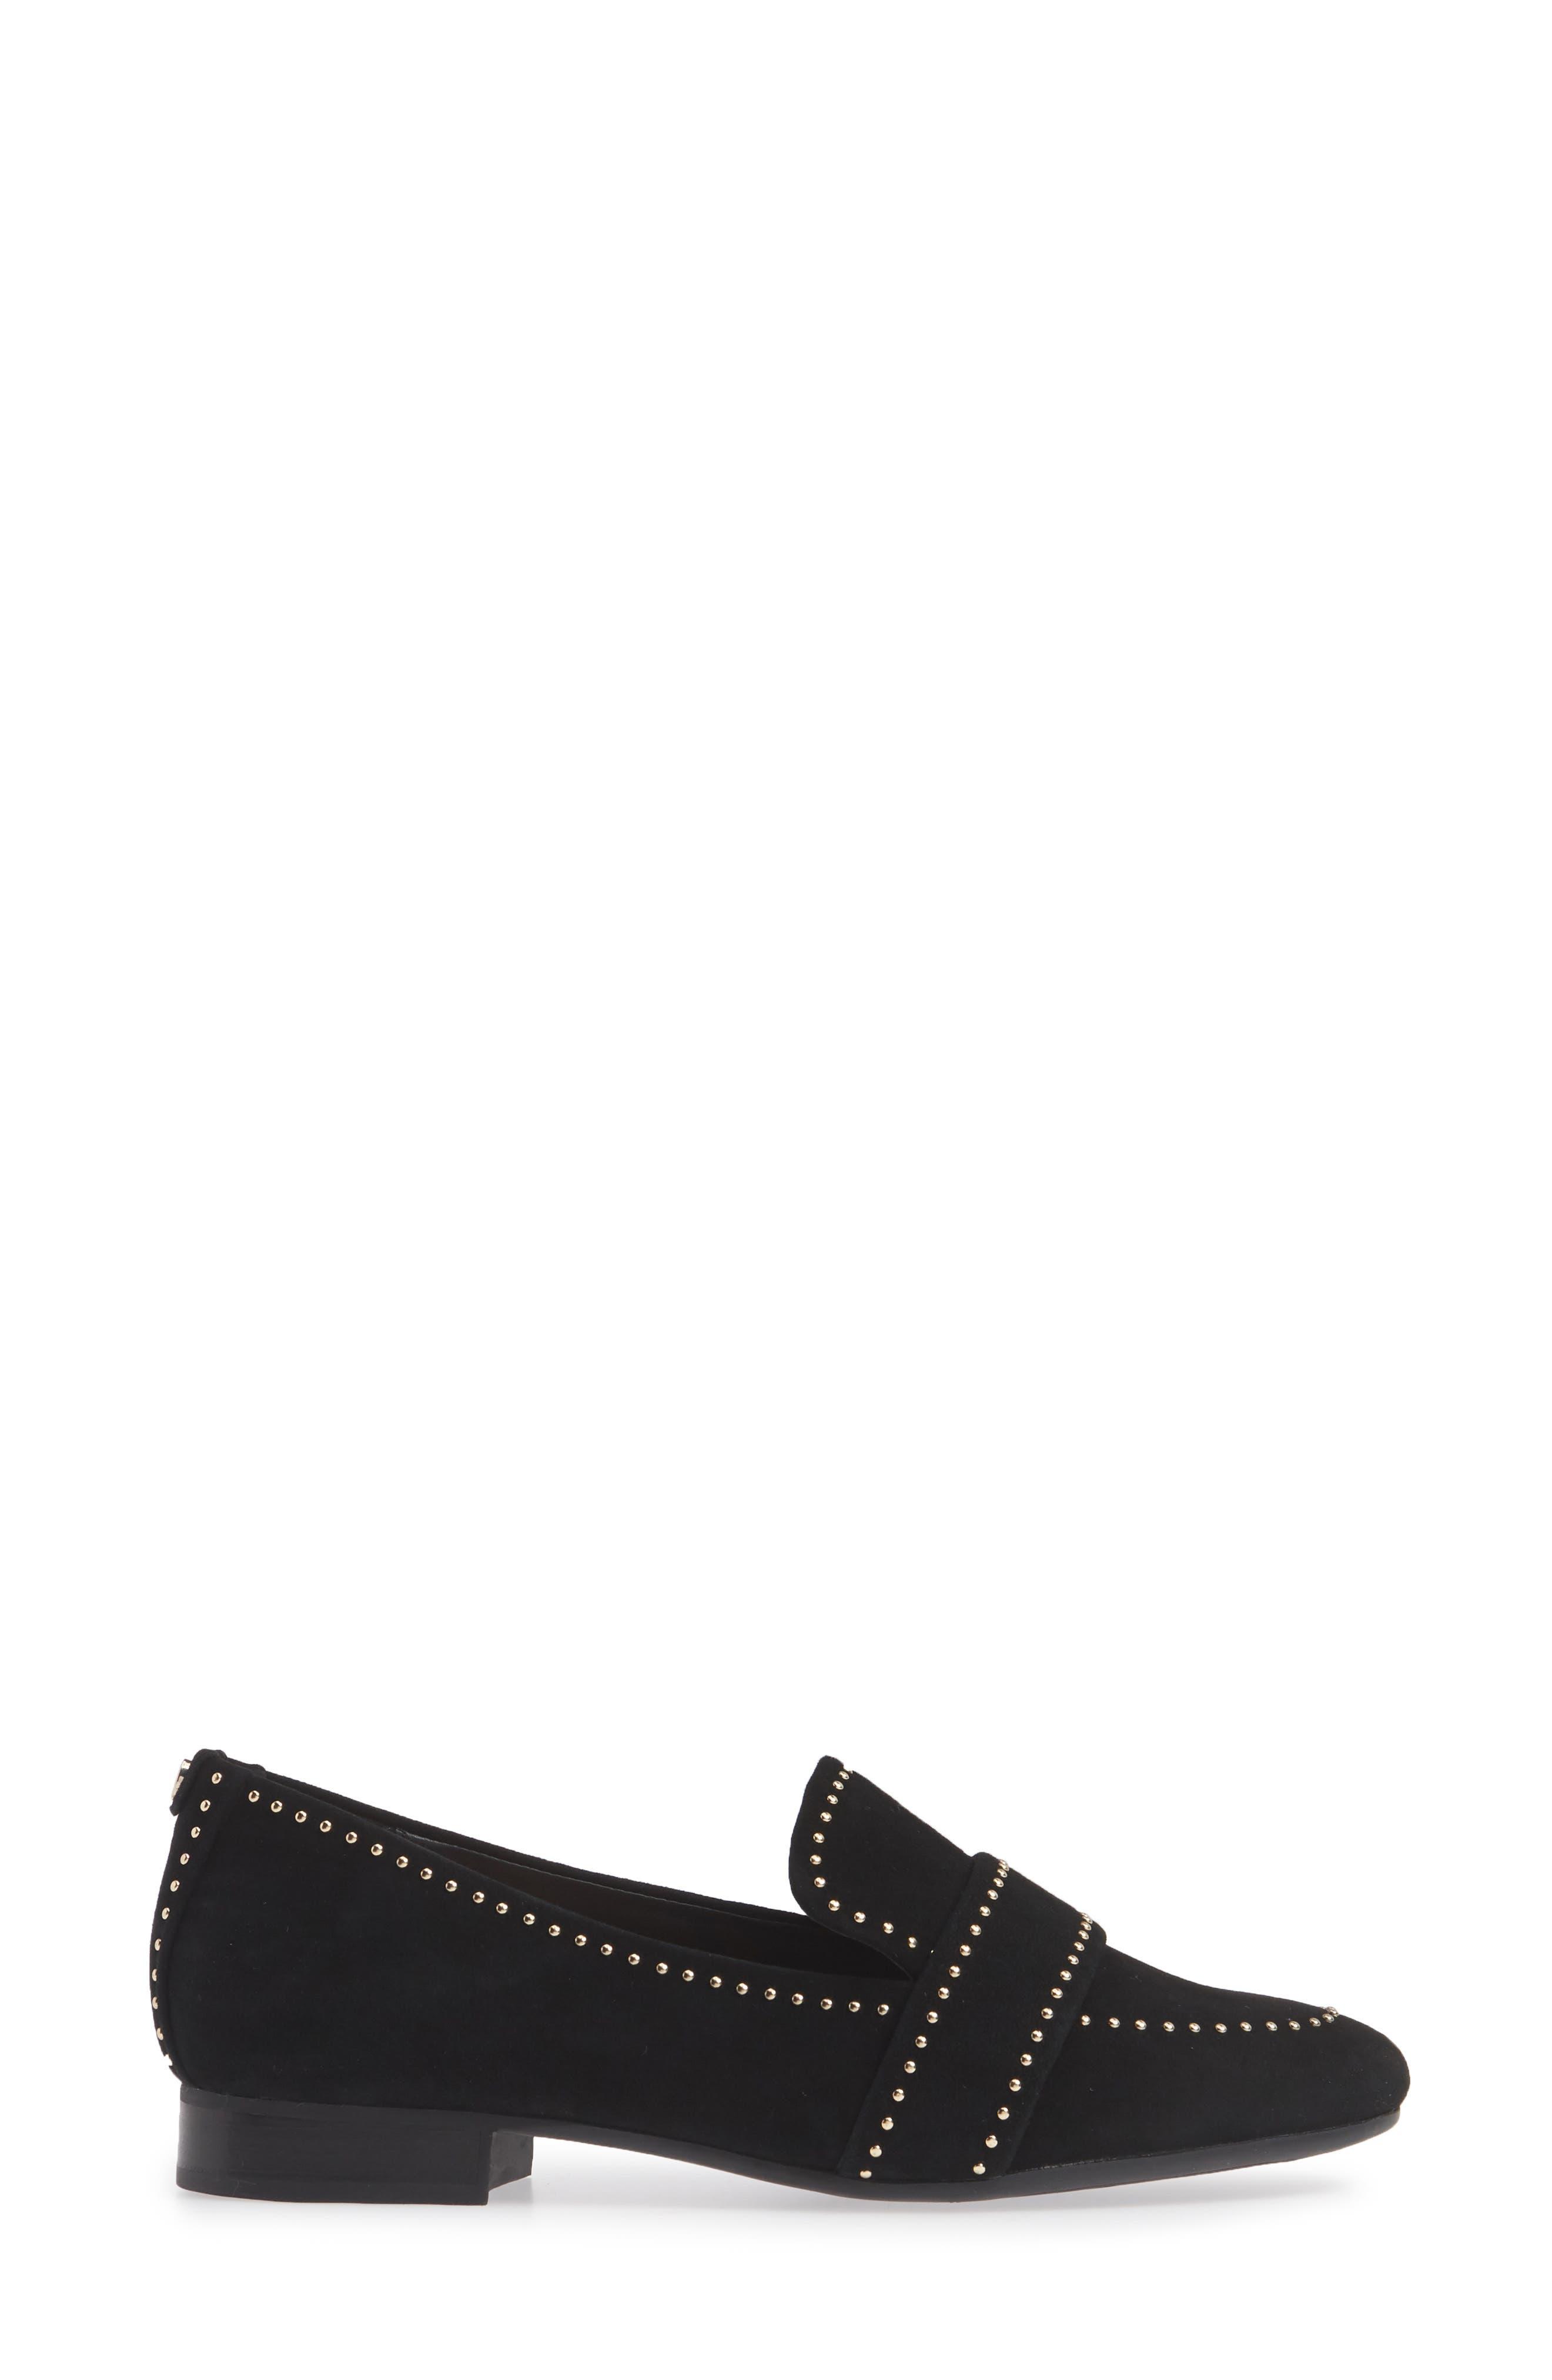 TARYN ROSE, Bristol Loafer, Alternate thumbnail 3, color, BLACK SUEDE